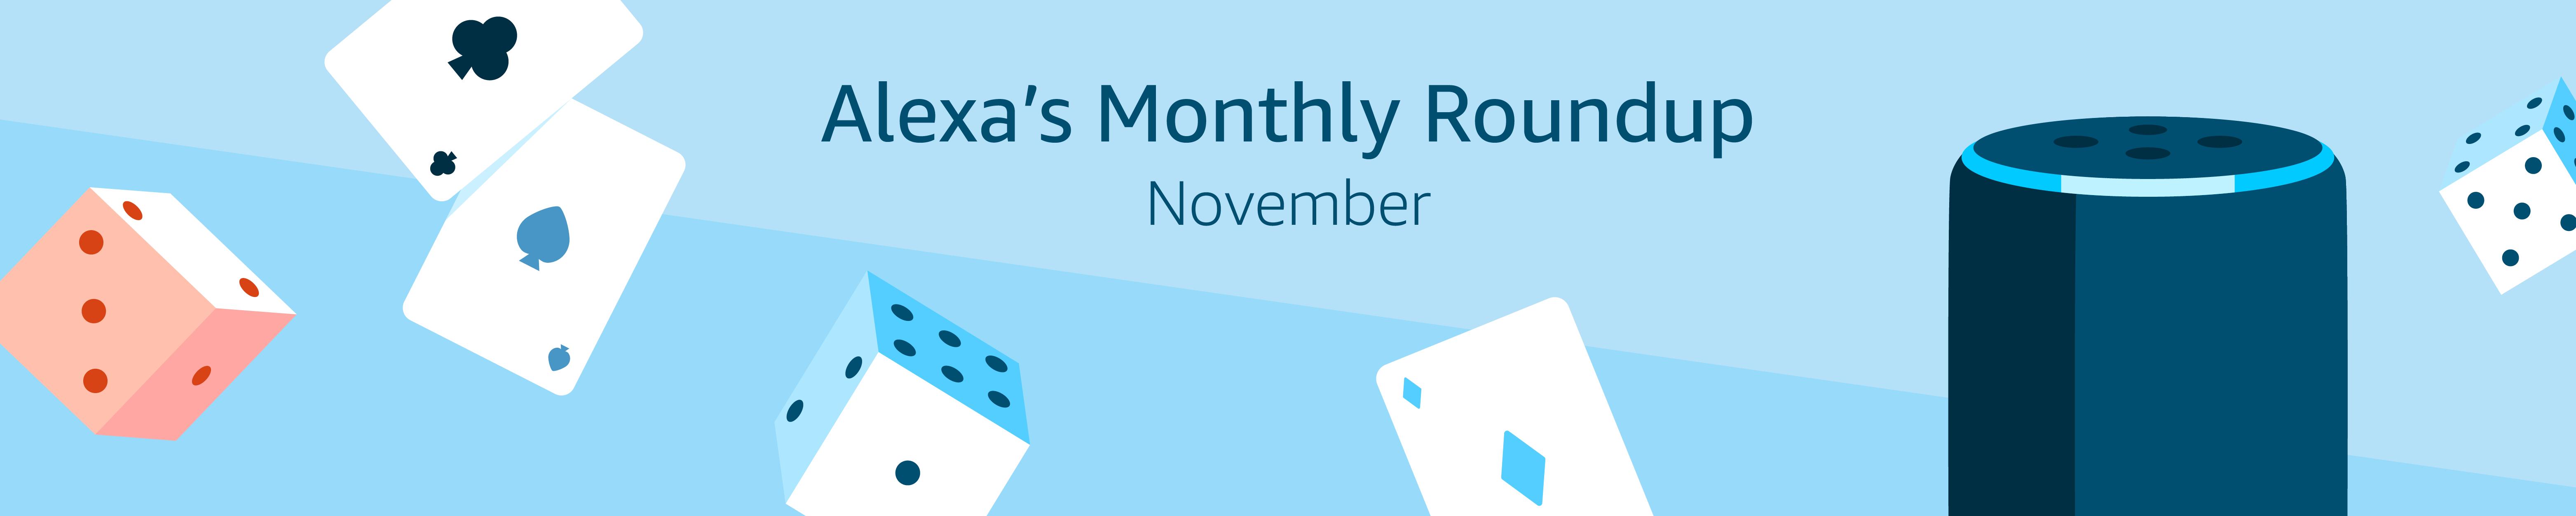 Alexa's Monthly Roundup: October